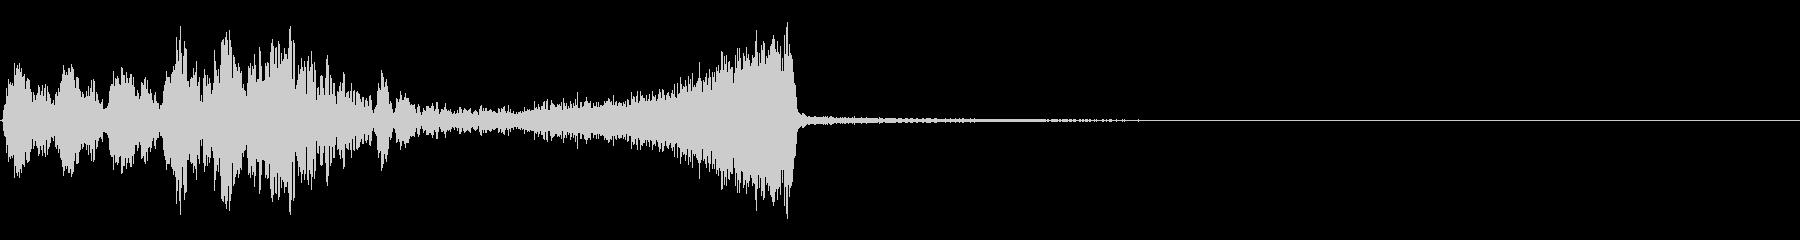 ヒットザップとリターンの未再生の波形